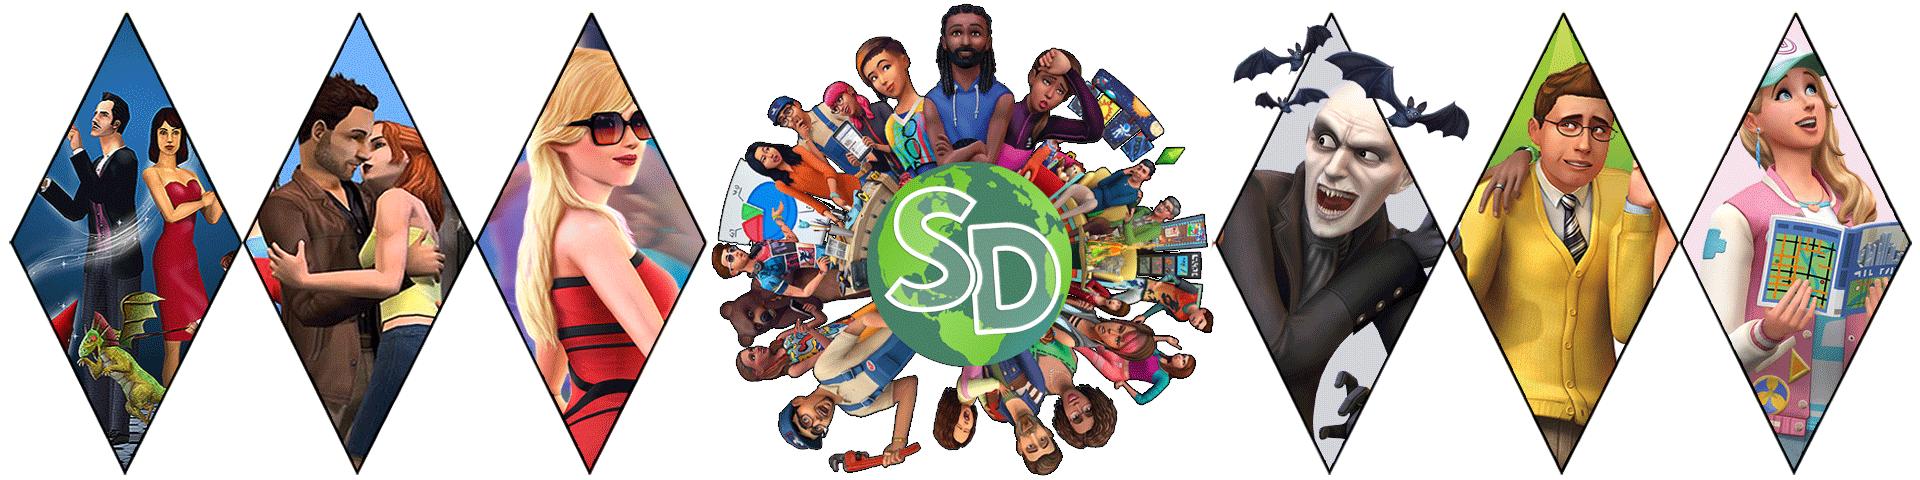 Sim Dünyası ~ The Sims 4 & The Sims 3 Haberleri, Rehberleri, İncelemeleri